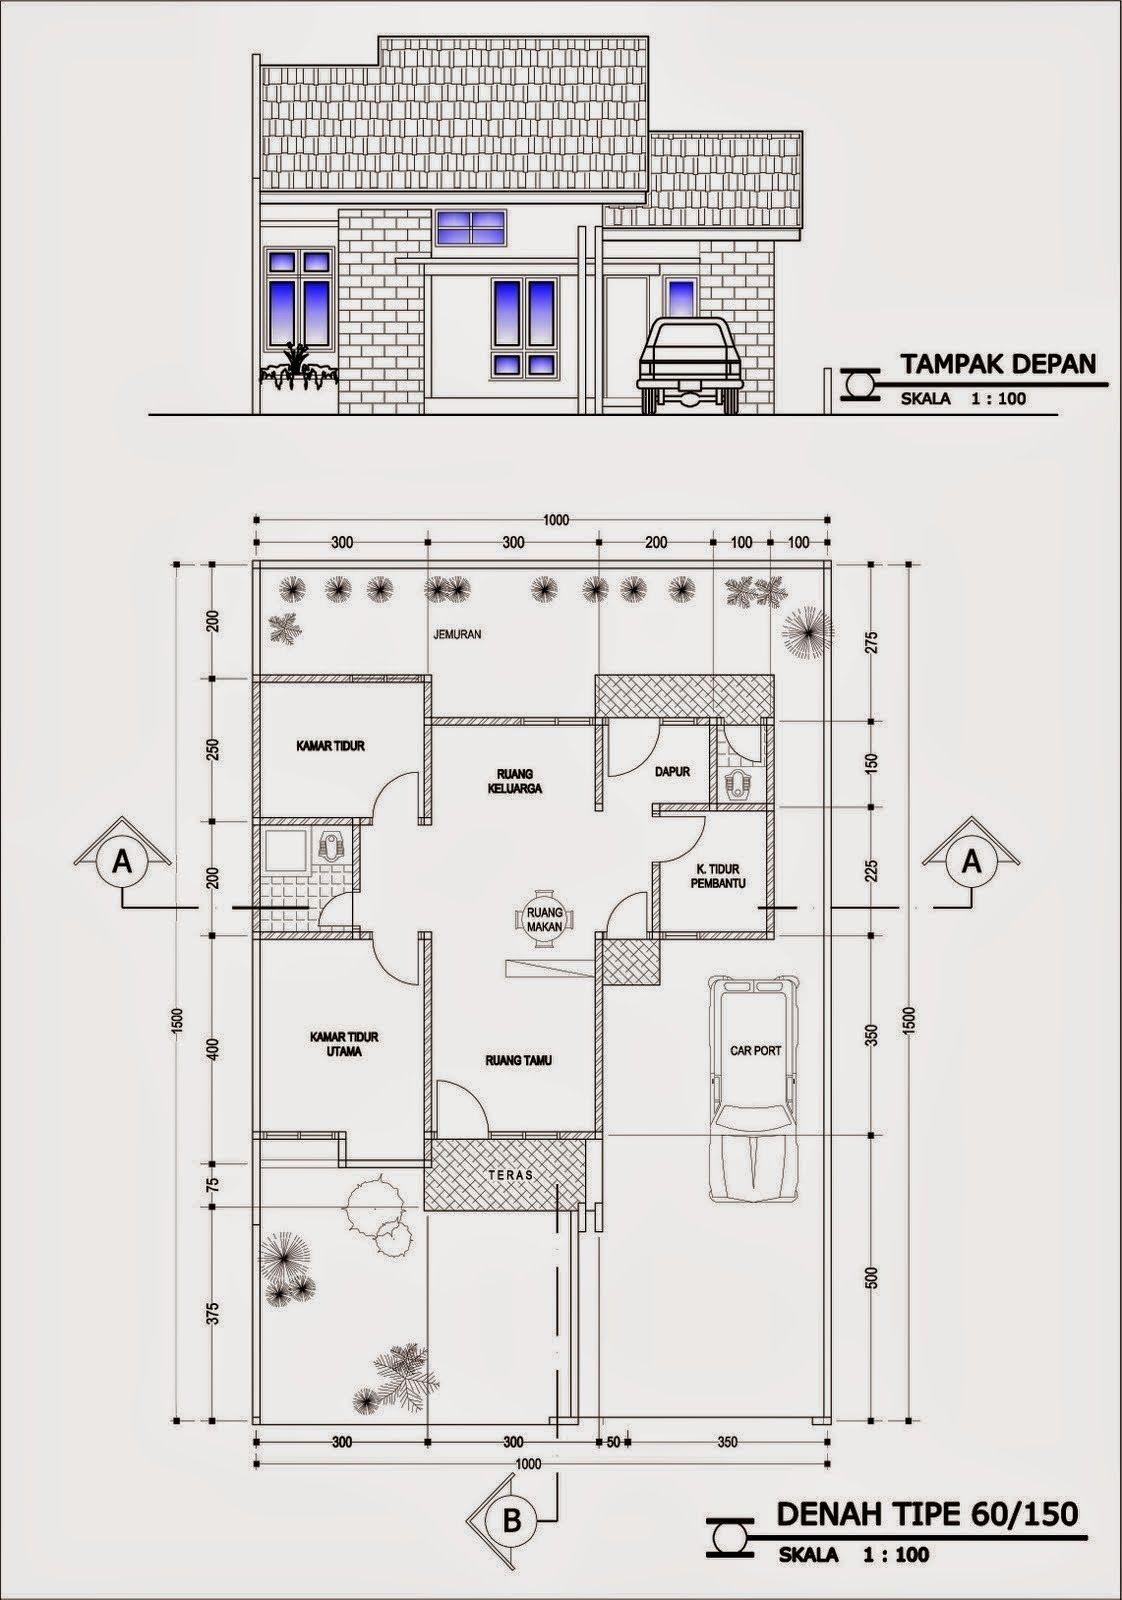 Inilah Gambar Denah Desain Rumah Minimalis Dengan 4 Kamar